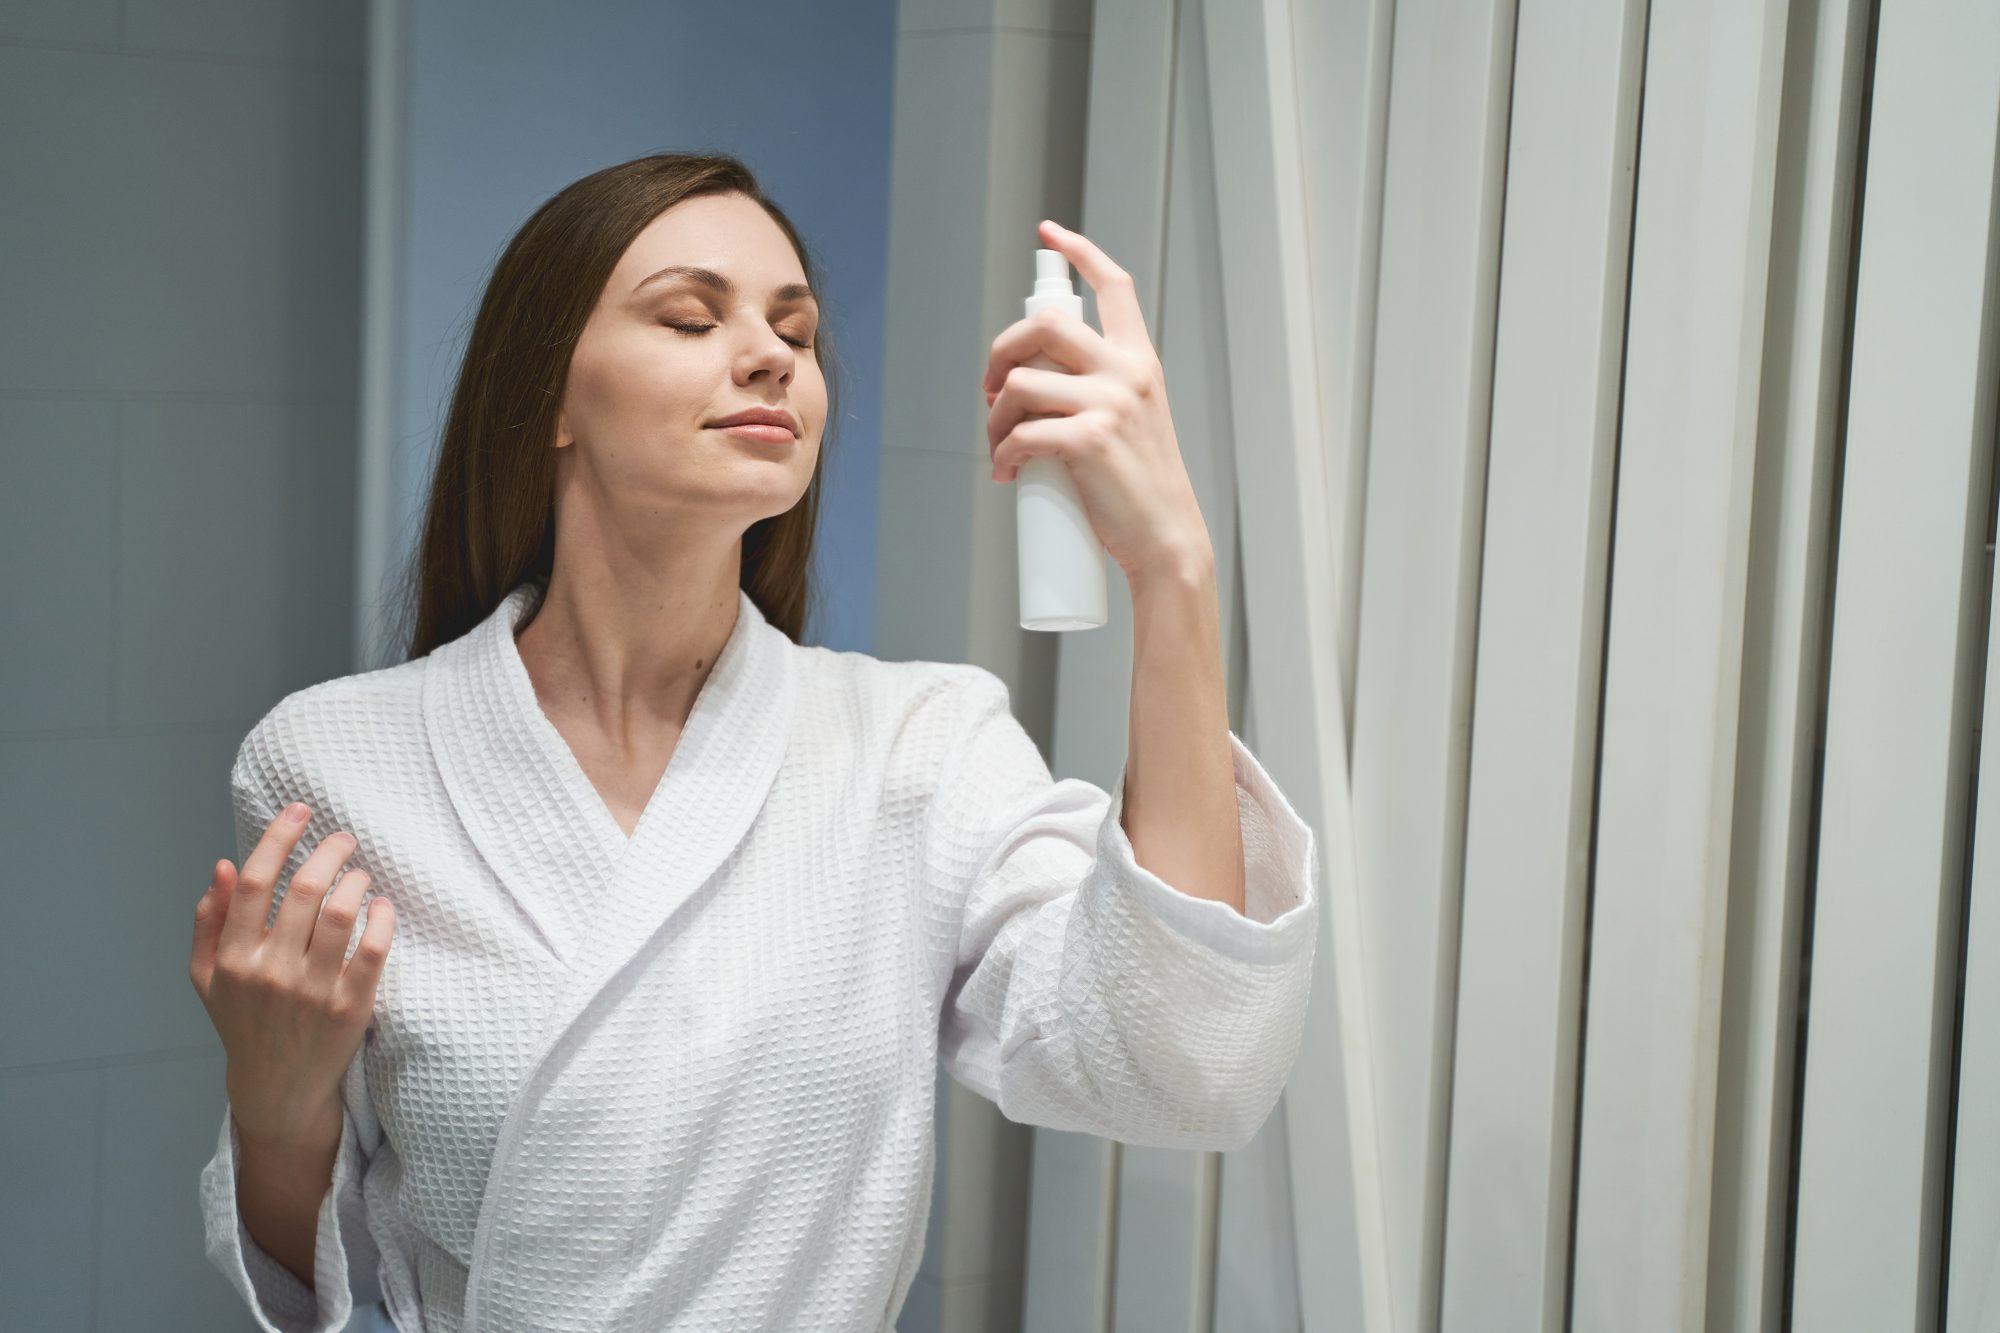 mejor bruma facial, hidratante